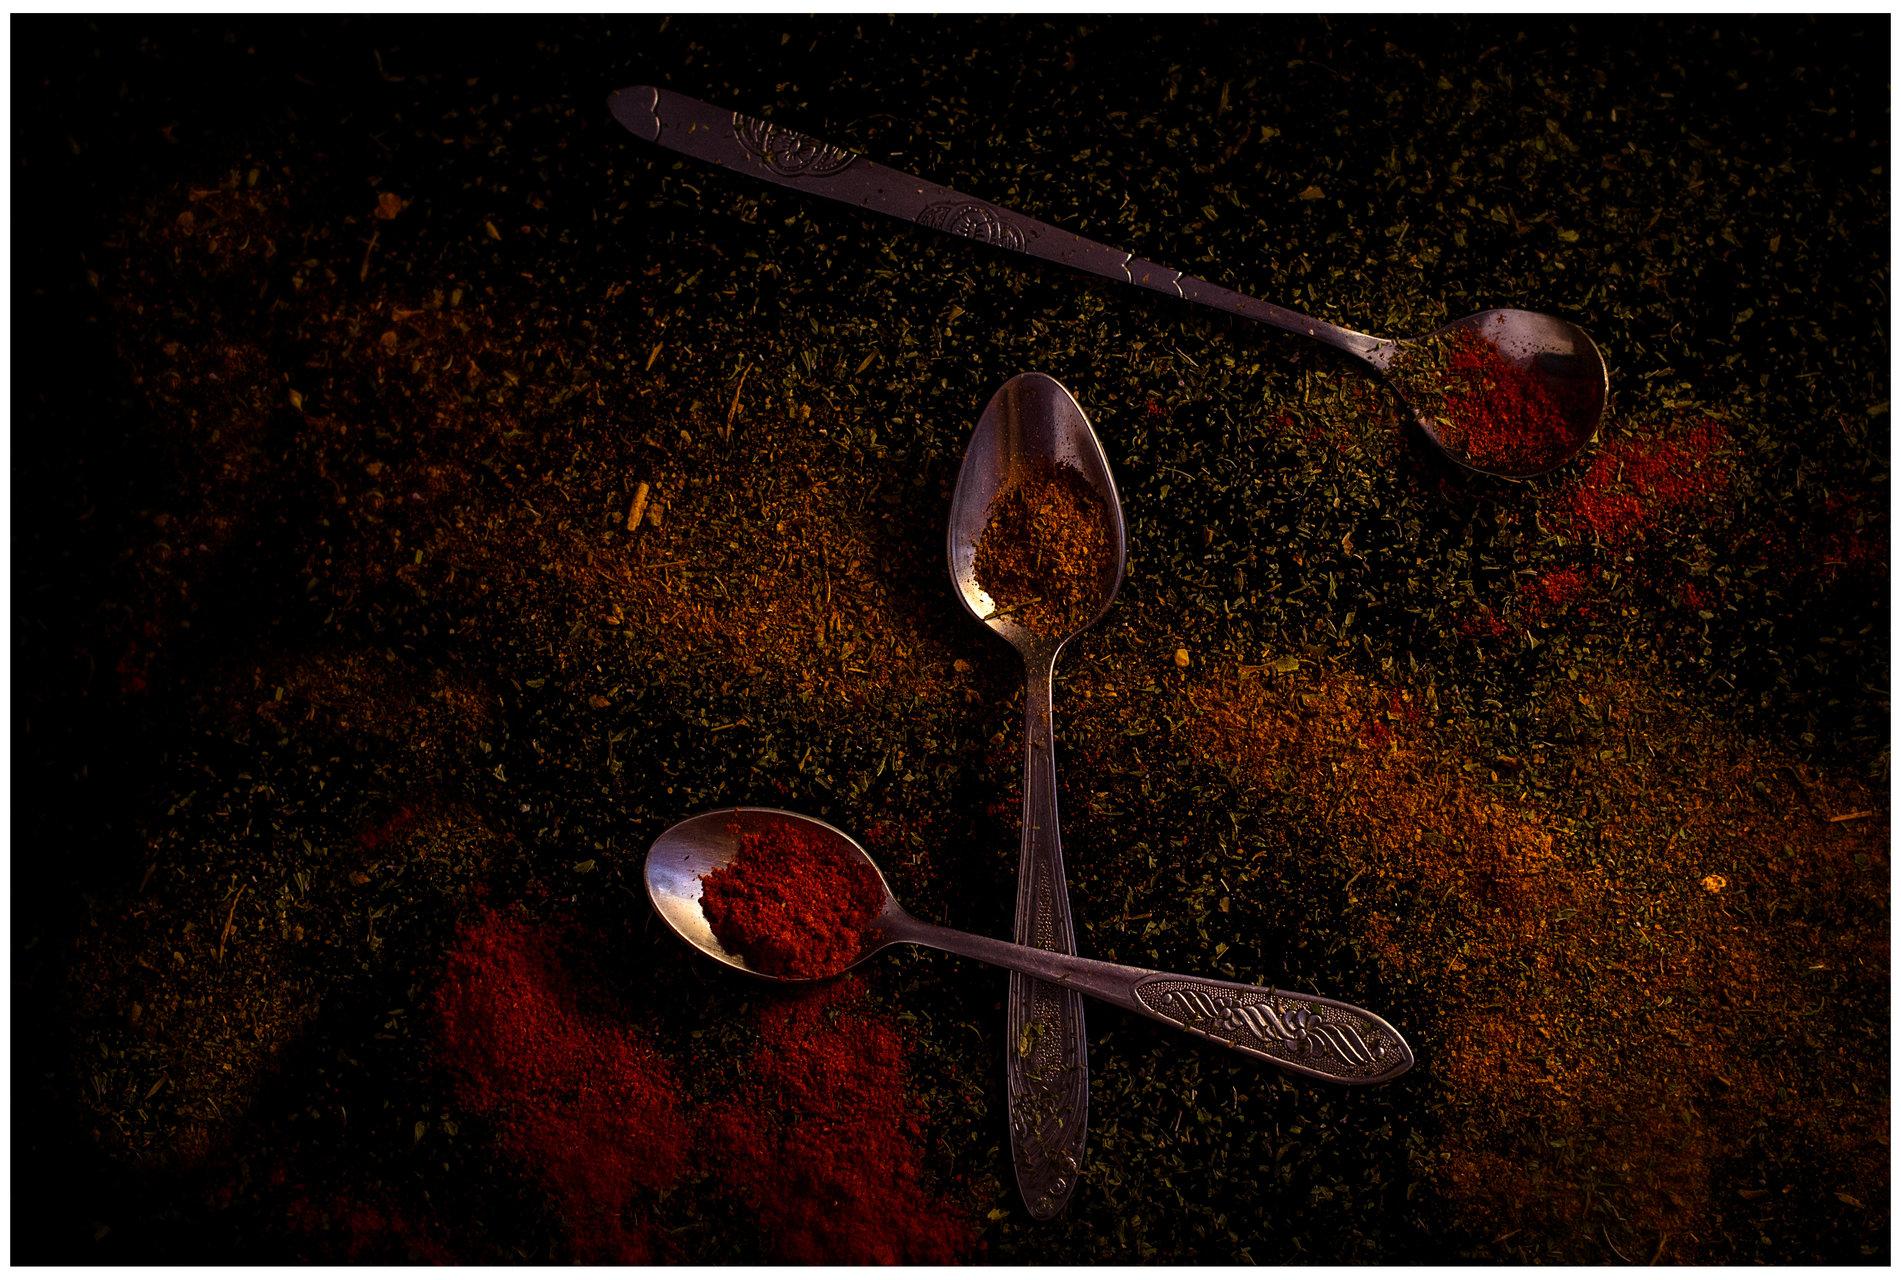 Spices... от AsenAndreev - hunter1934